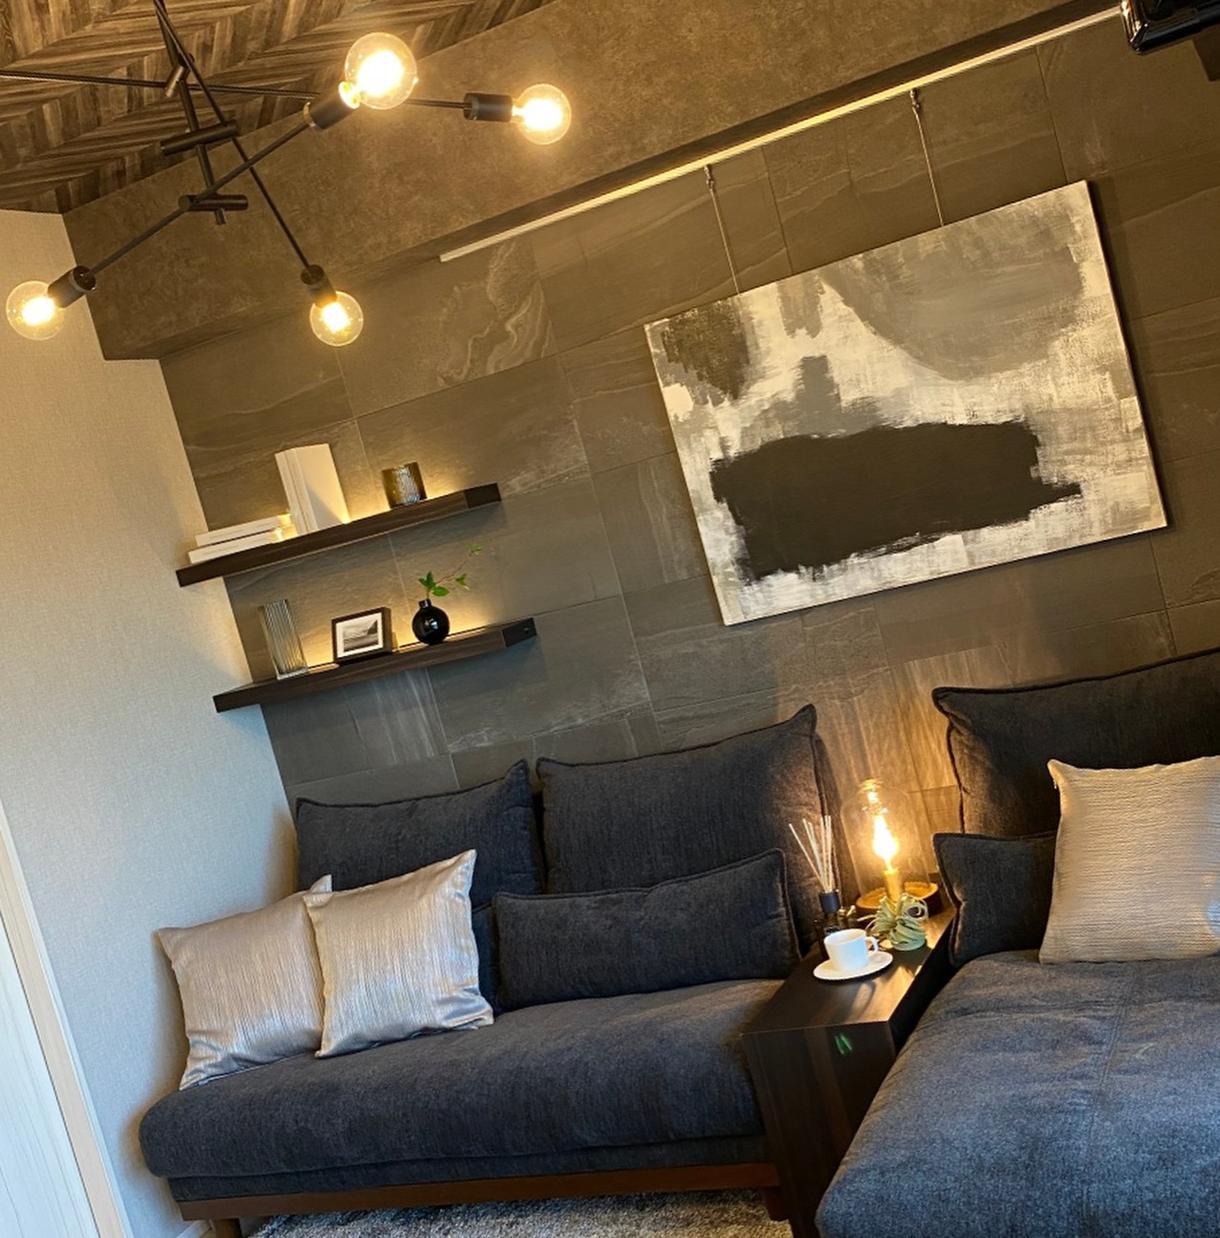 オフィスやお家にマッチした絵の制作できます 雰囲気の依頼にガッツリお応えします! イメージ1